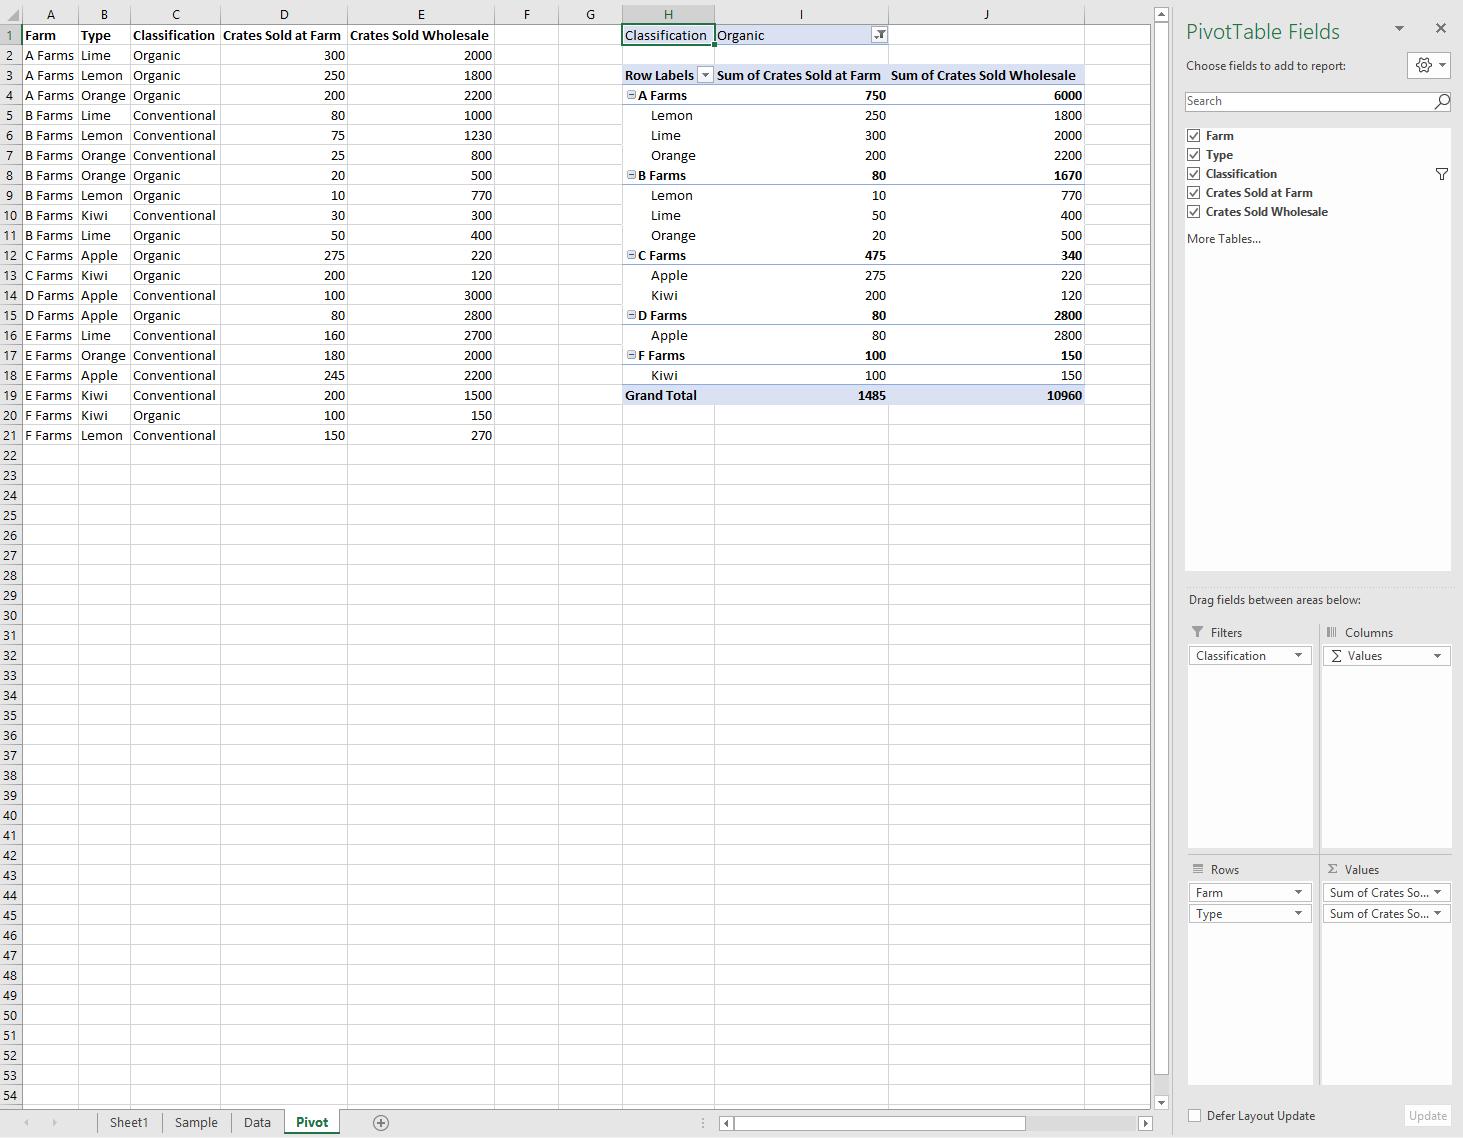 excel javascript api を使用してピボット テーブルで作業する